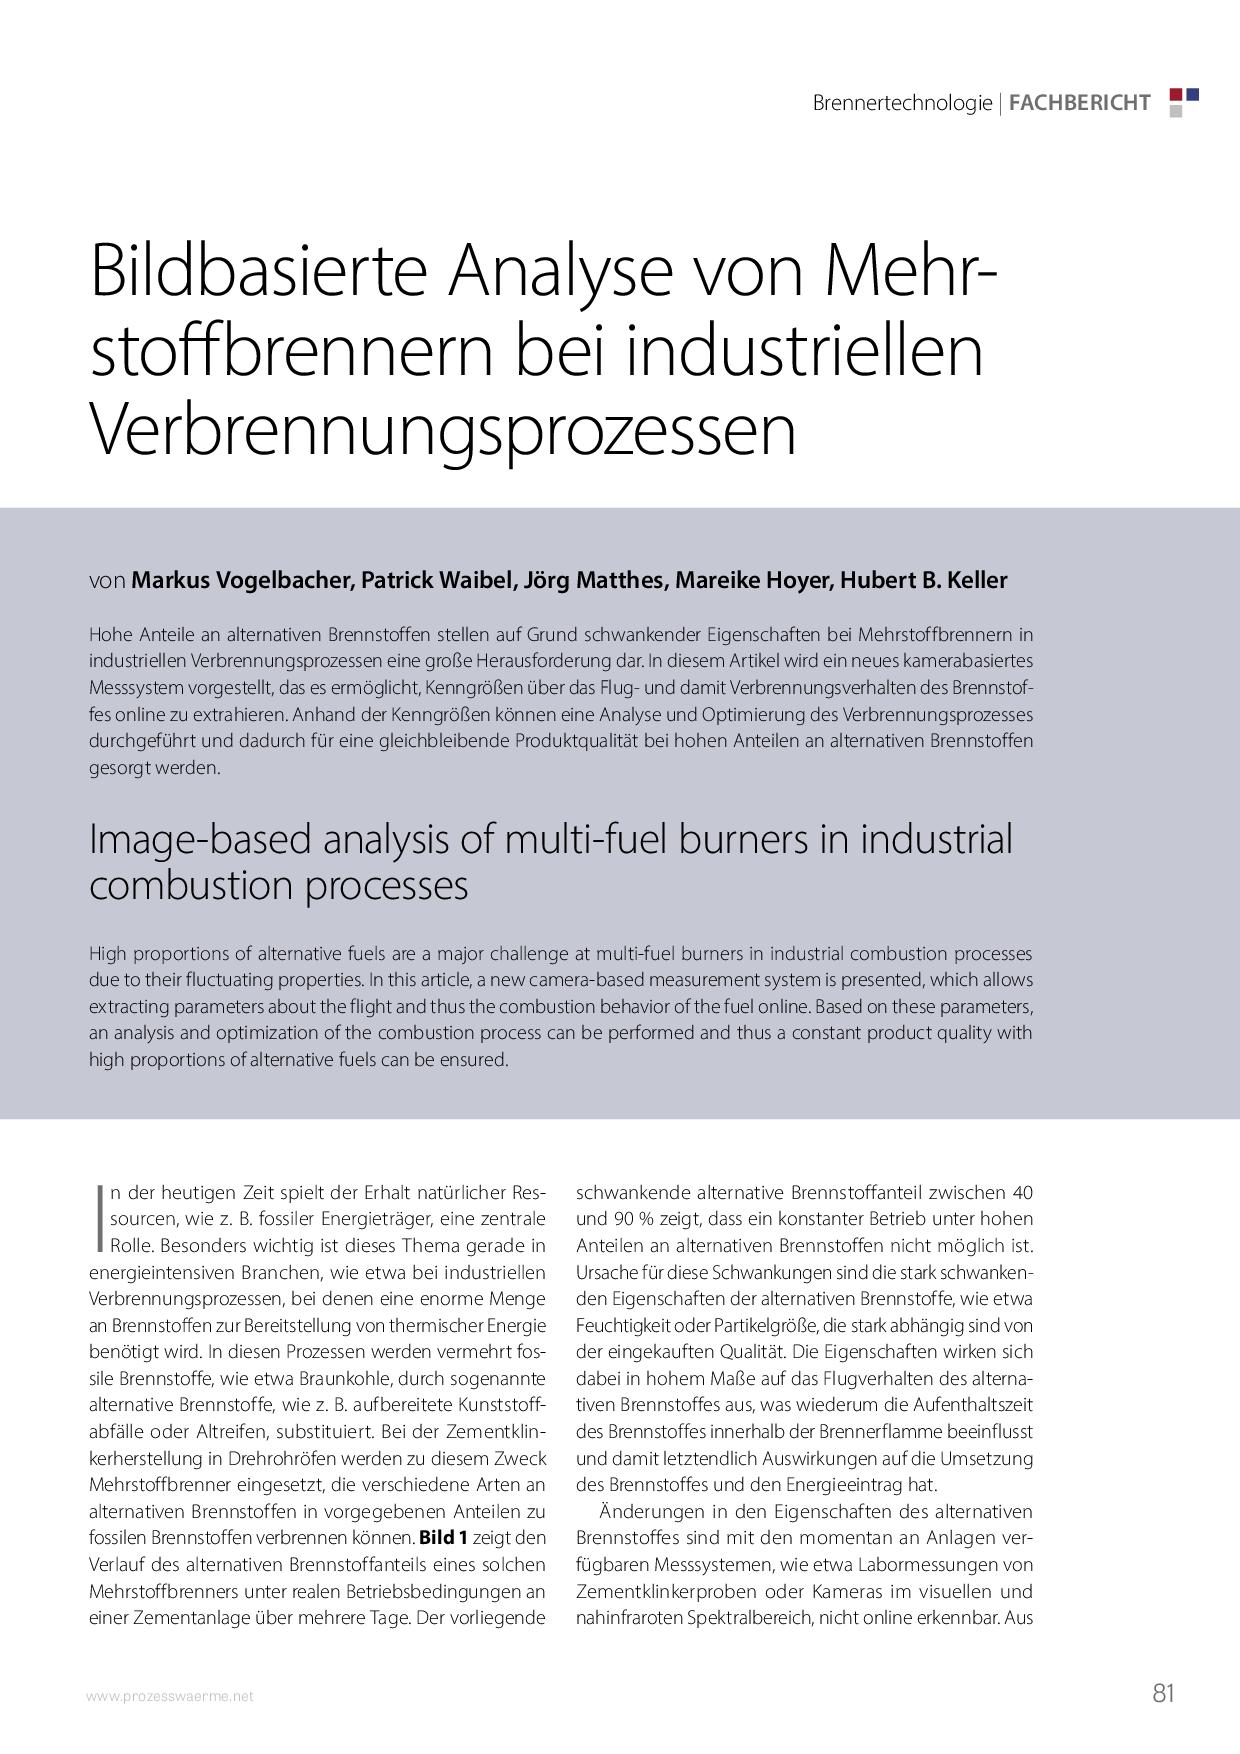 Bildbasierte Analyse von Mehrstoffbrennern bei industriellen Verbrennungsprozessen